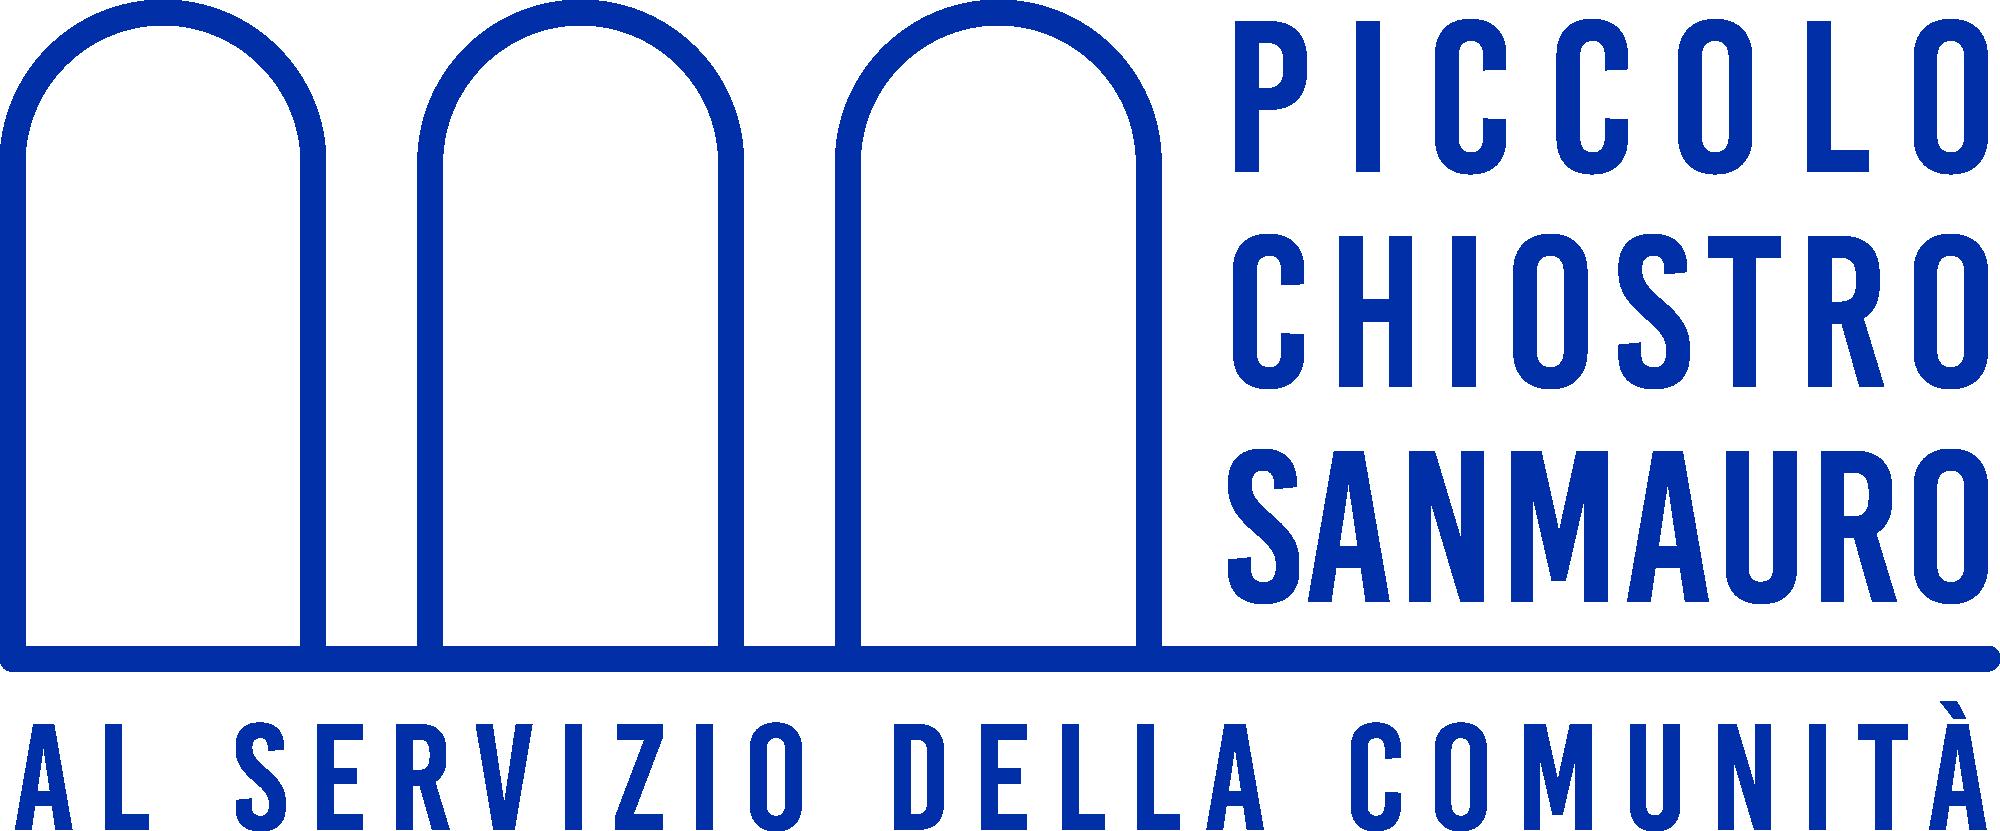 Piccolo Chiostro San Mauro